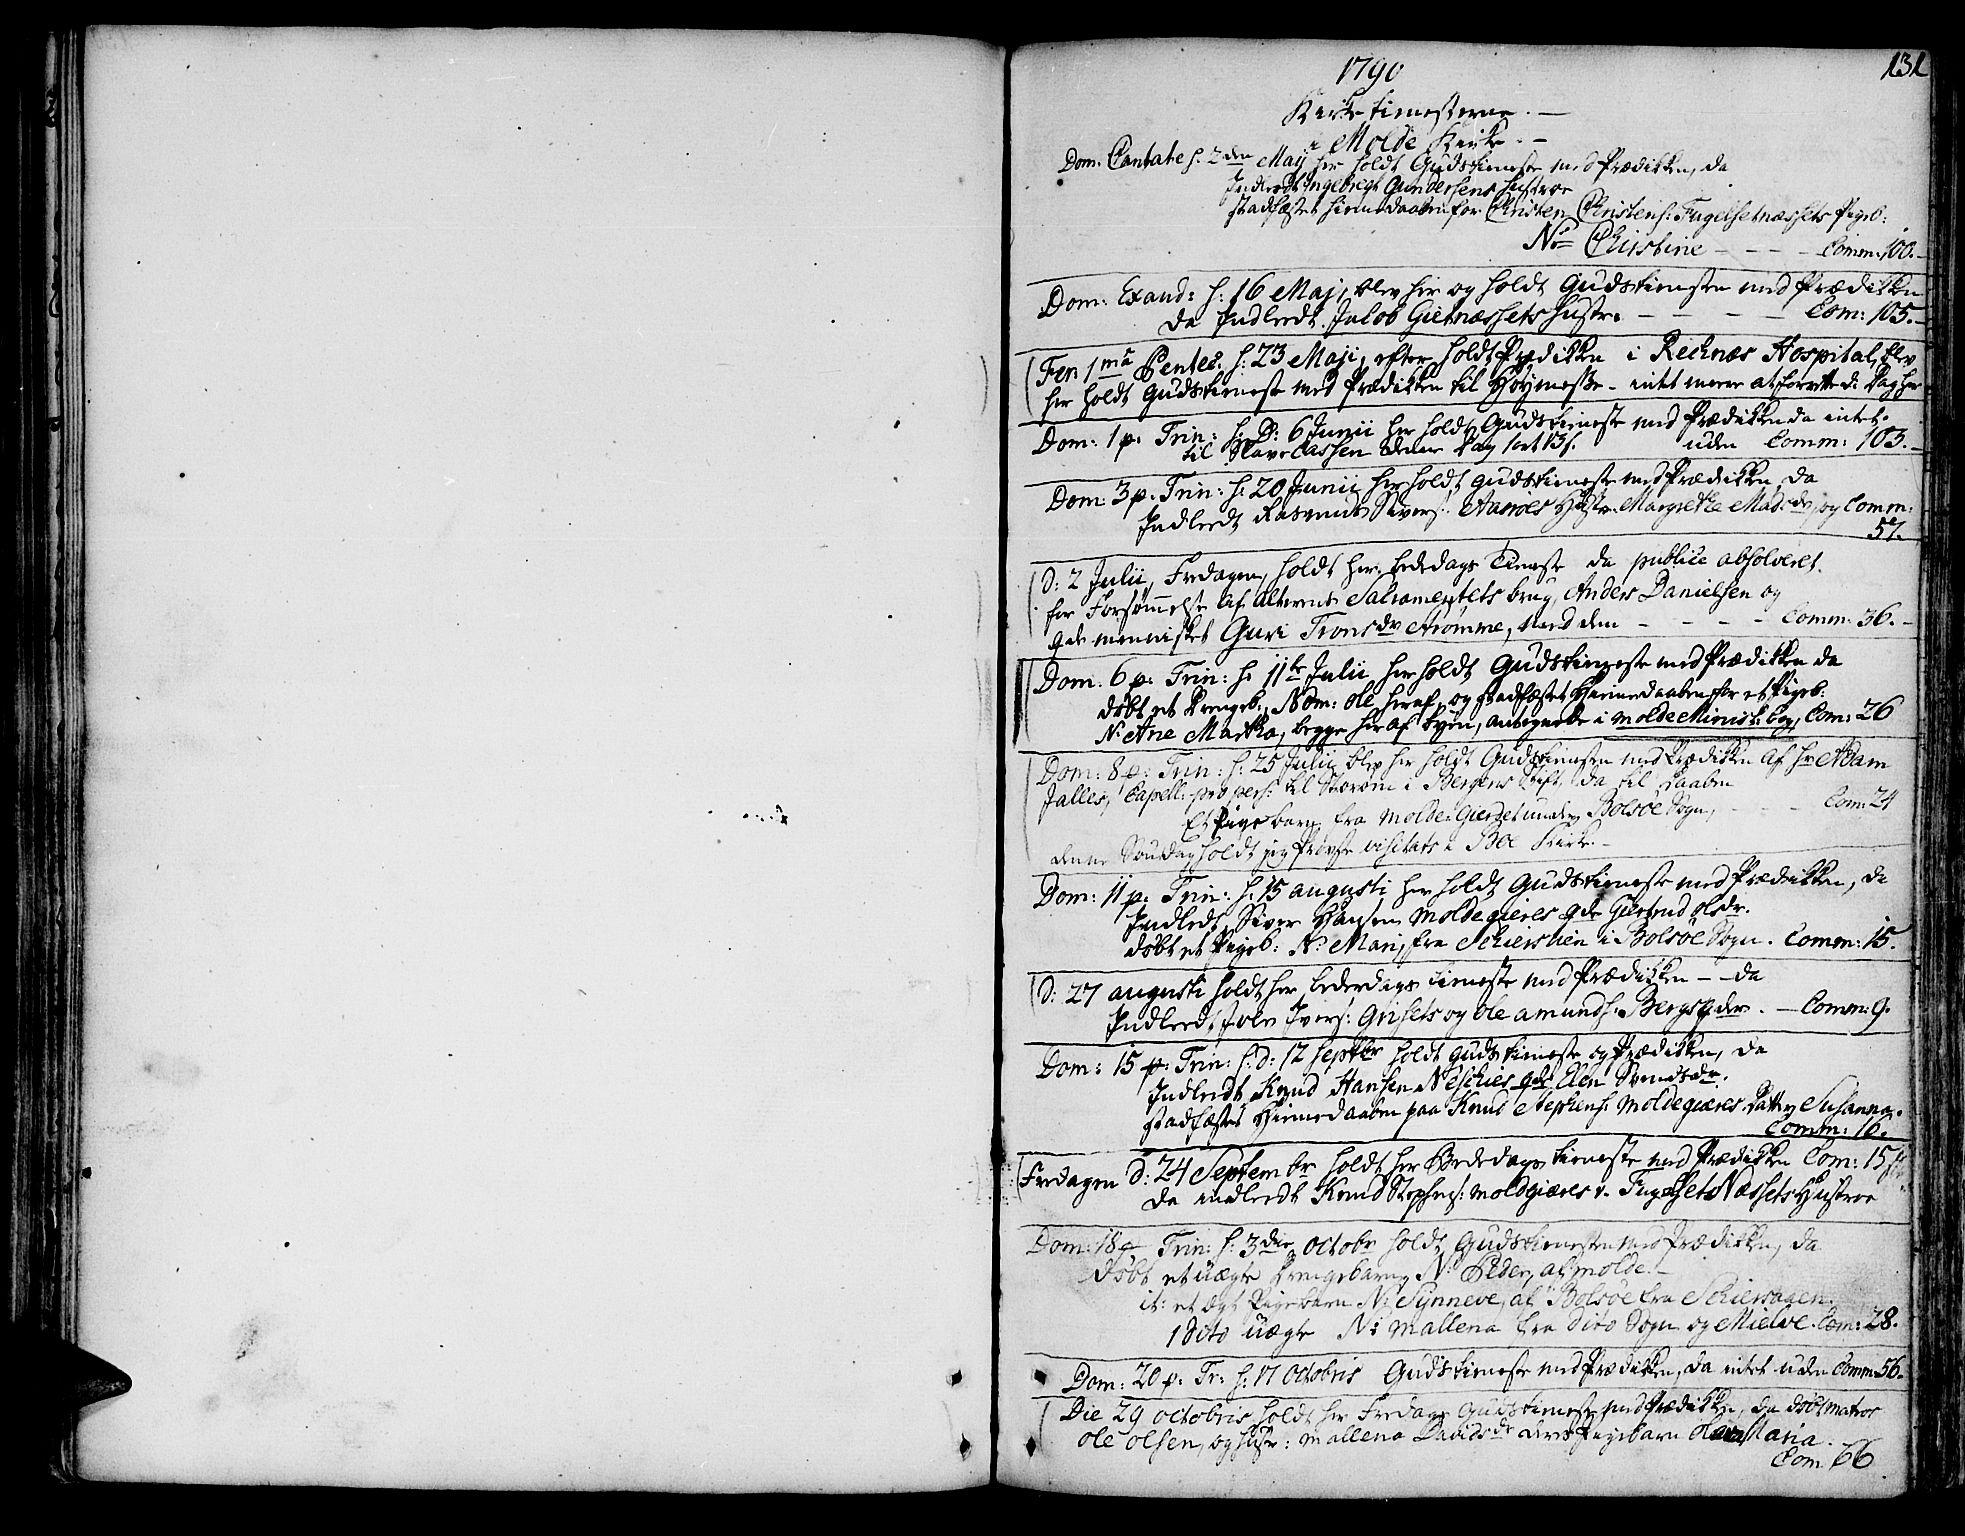 SAT, Ministerialprotokoller, klokkerbøker og fødselsregistre - Møre og Romsdal, 555/L0648: Ministerialbok nr. 555A01, 1759-1793, s. 131